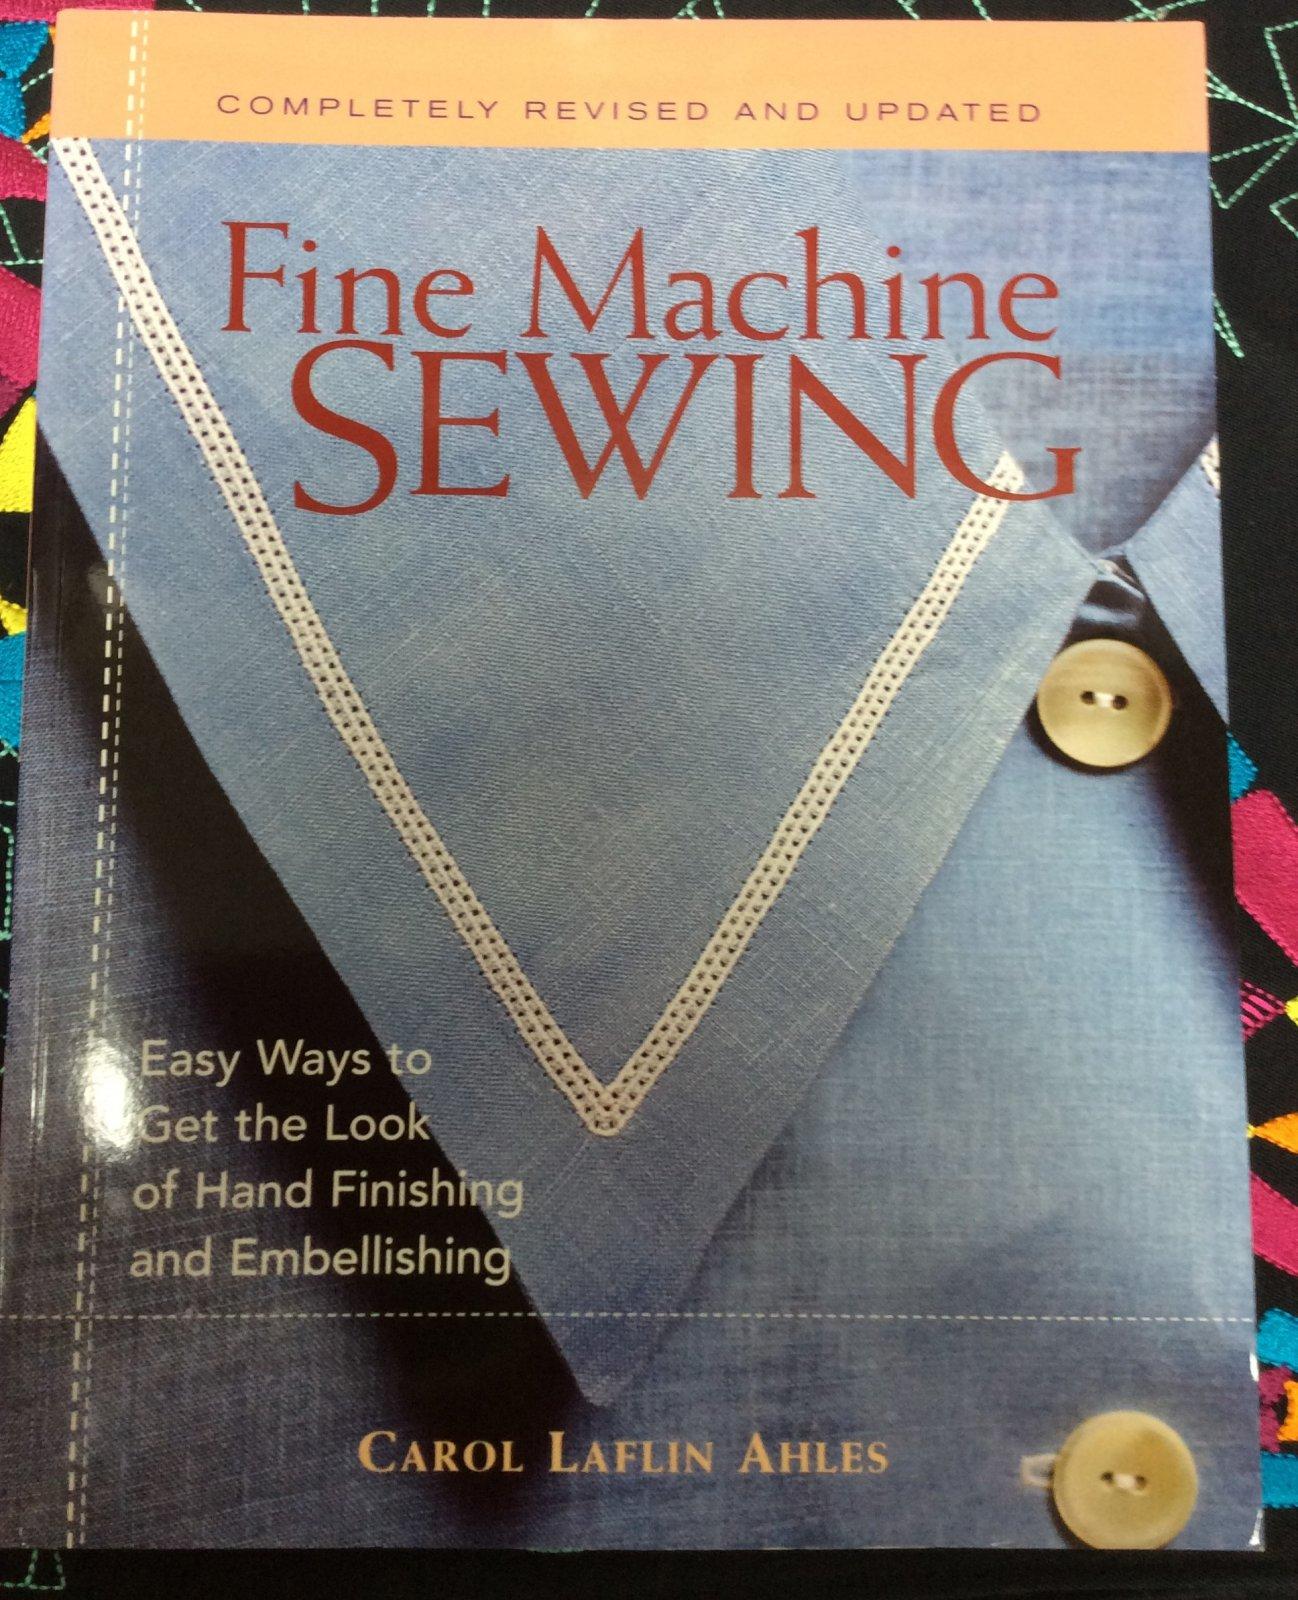 Fine Machine Sewing